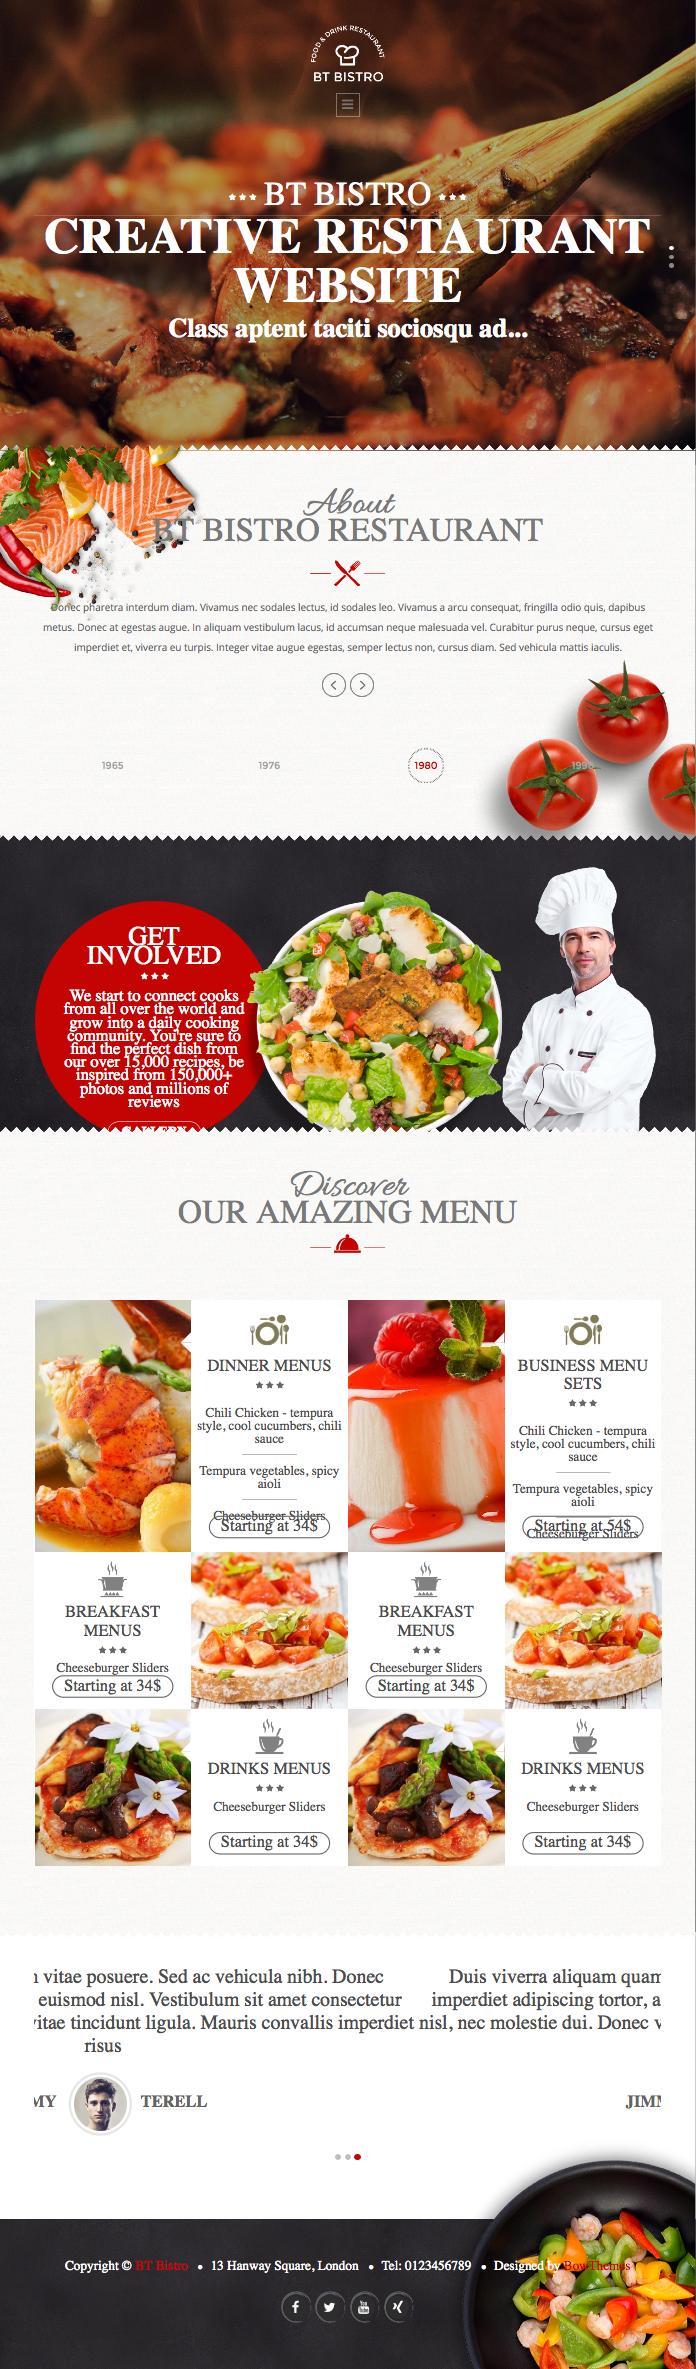 BT Bistro Joomla Restaurant & Food Template